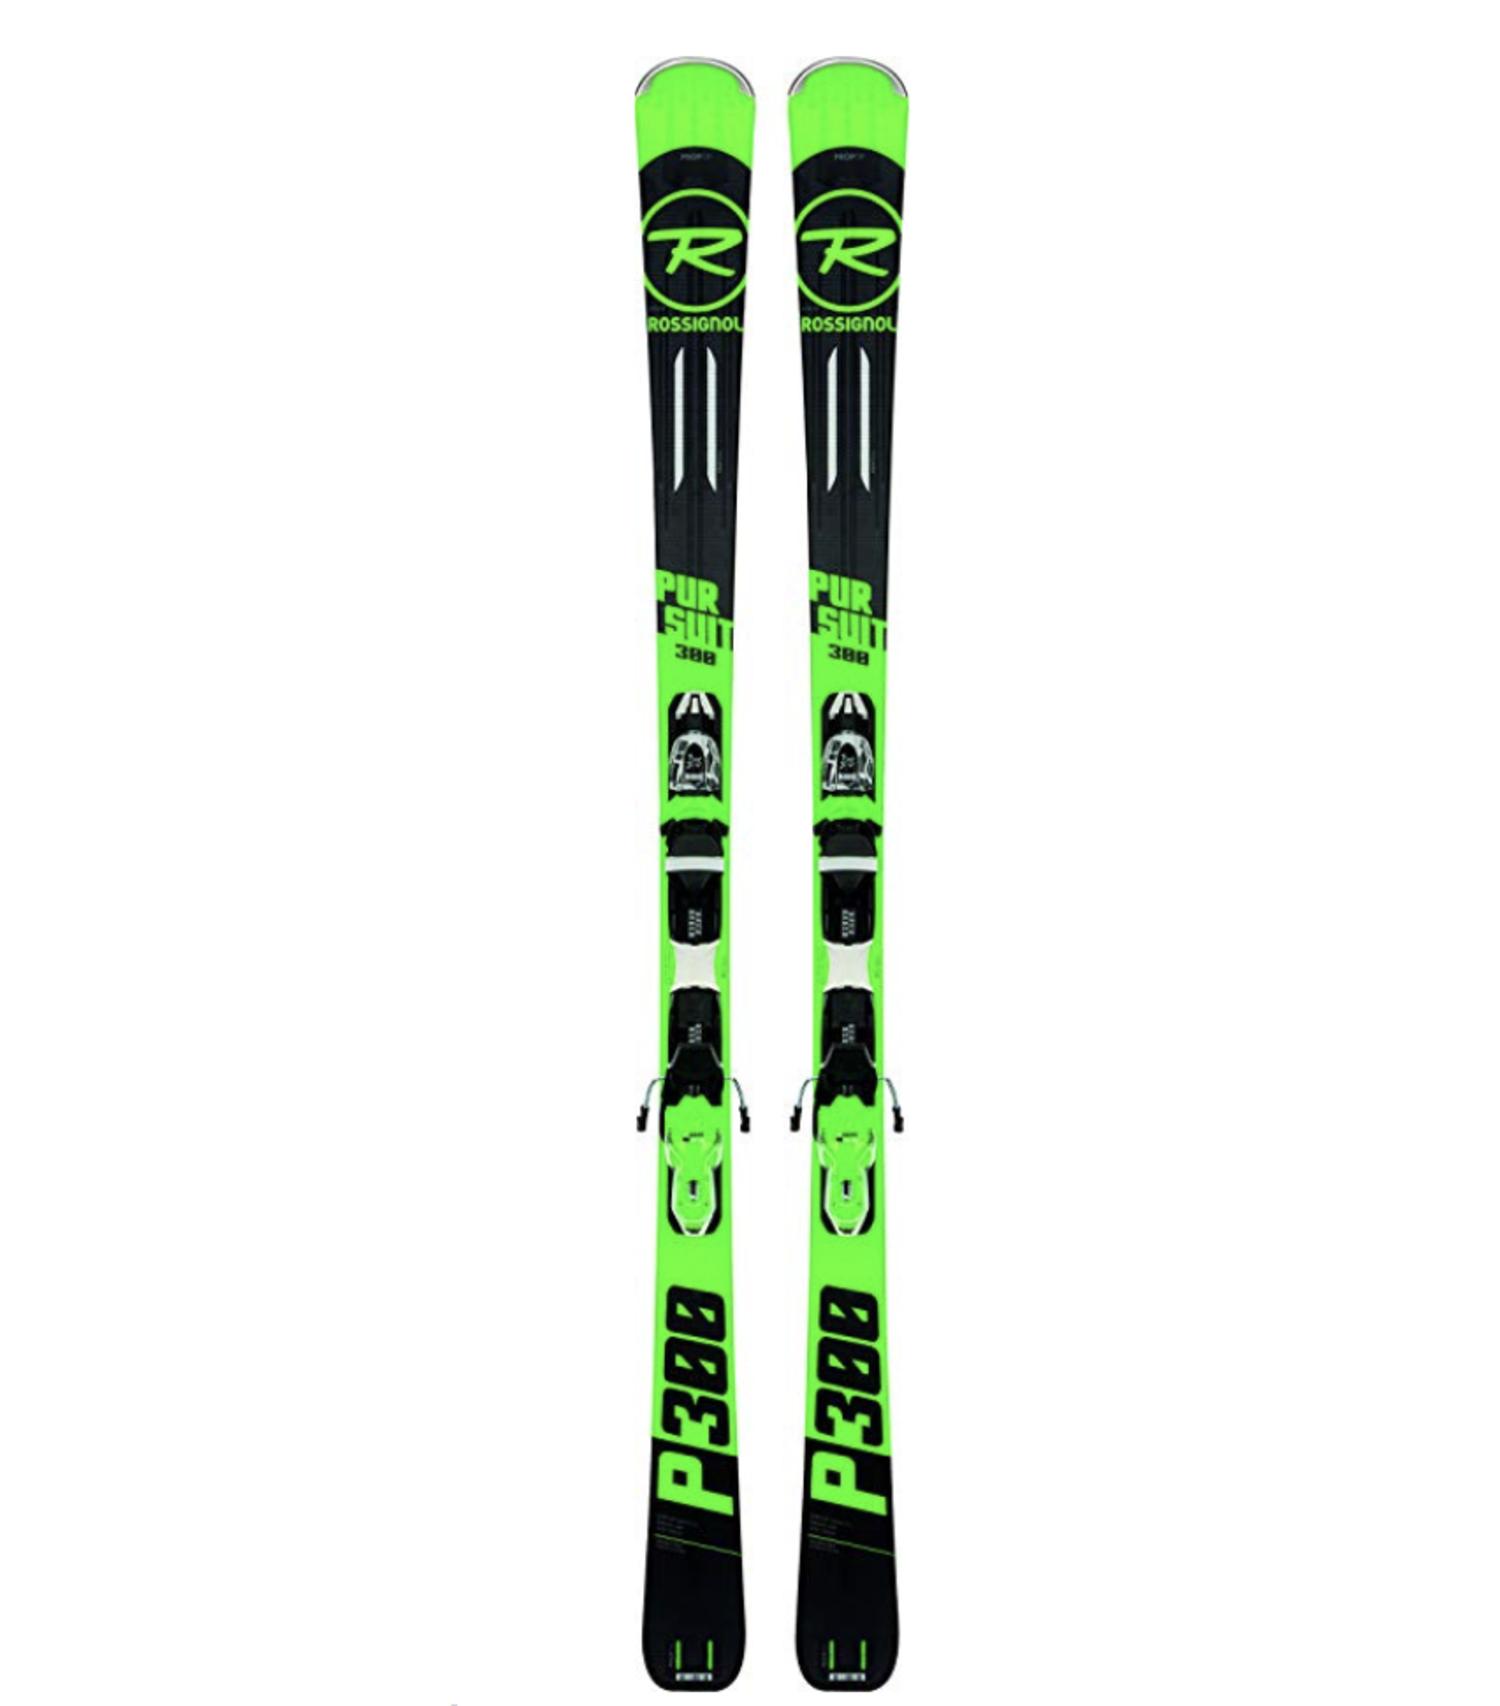 Esquís Rossignol Pursuit 300.